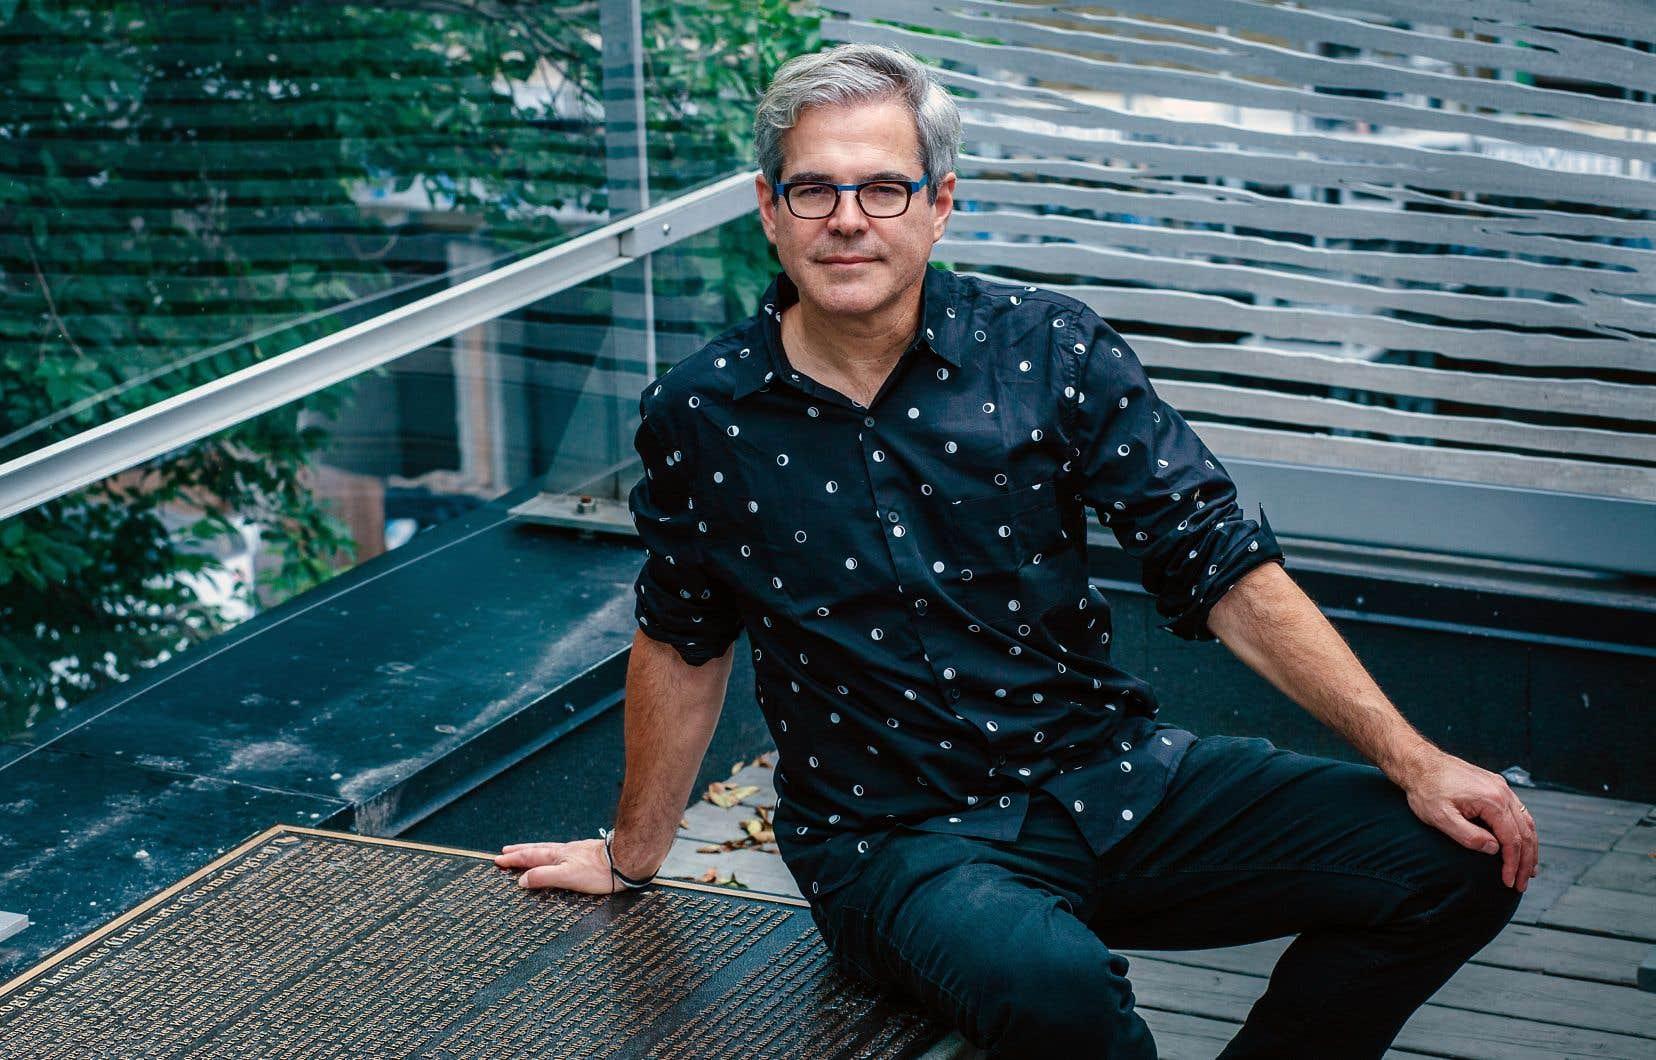 L'œuvre de Eames Demetrios à Montréal est la troisième au Canada. L'une se trouve à Hornby Island en Colombie-Britannique et l'autre près de Humboldt en Saskatchewan. Au total, le projet «Kcymaerxthaere» est dispersé dans vingt-sept pays.